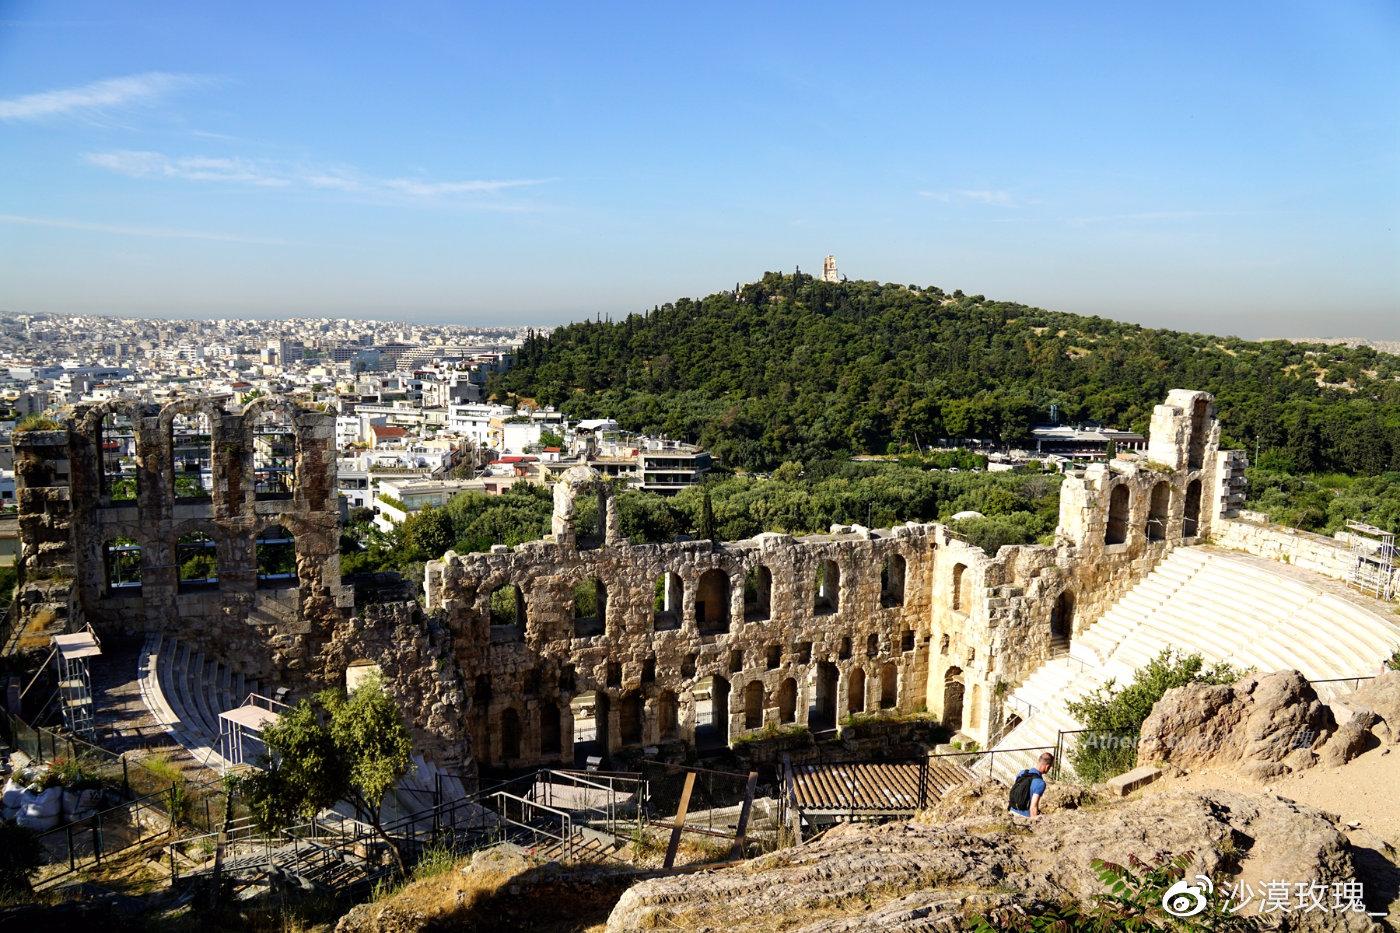 不足300米高的山,传说是雅典娜扔下的石头,雅典最浪漫的地方